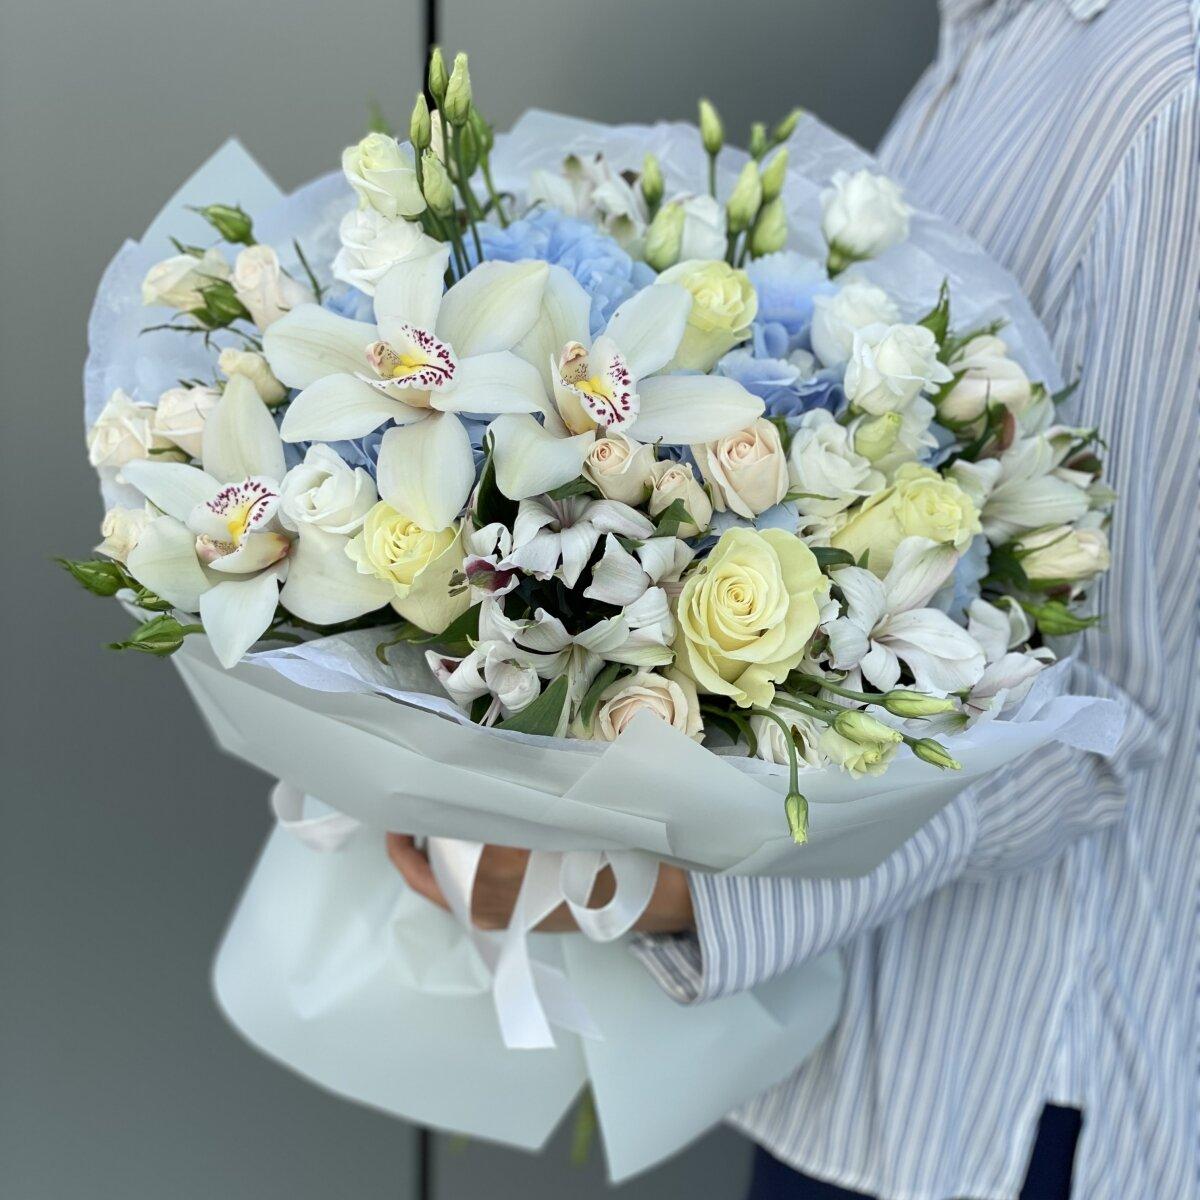 Букет Лайт из гортензии, альстромерии, роз, цимбидиума и эустомы